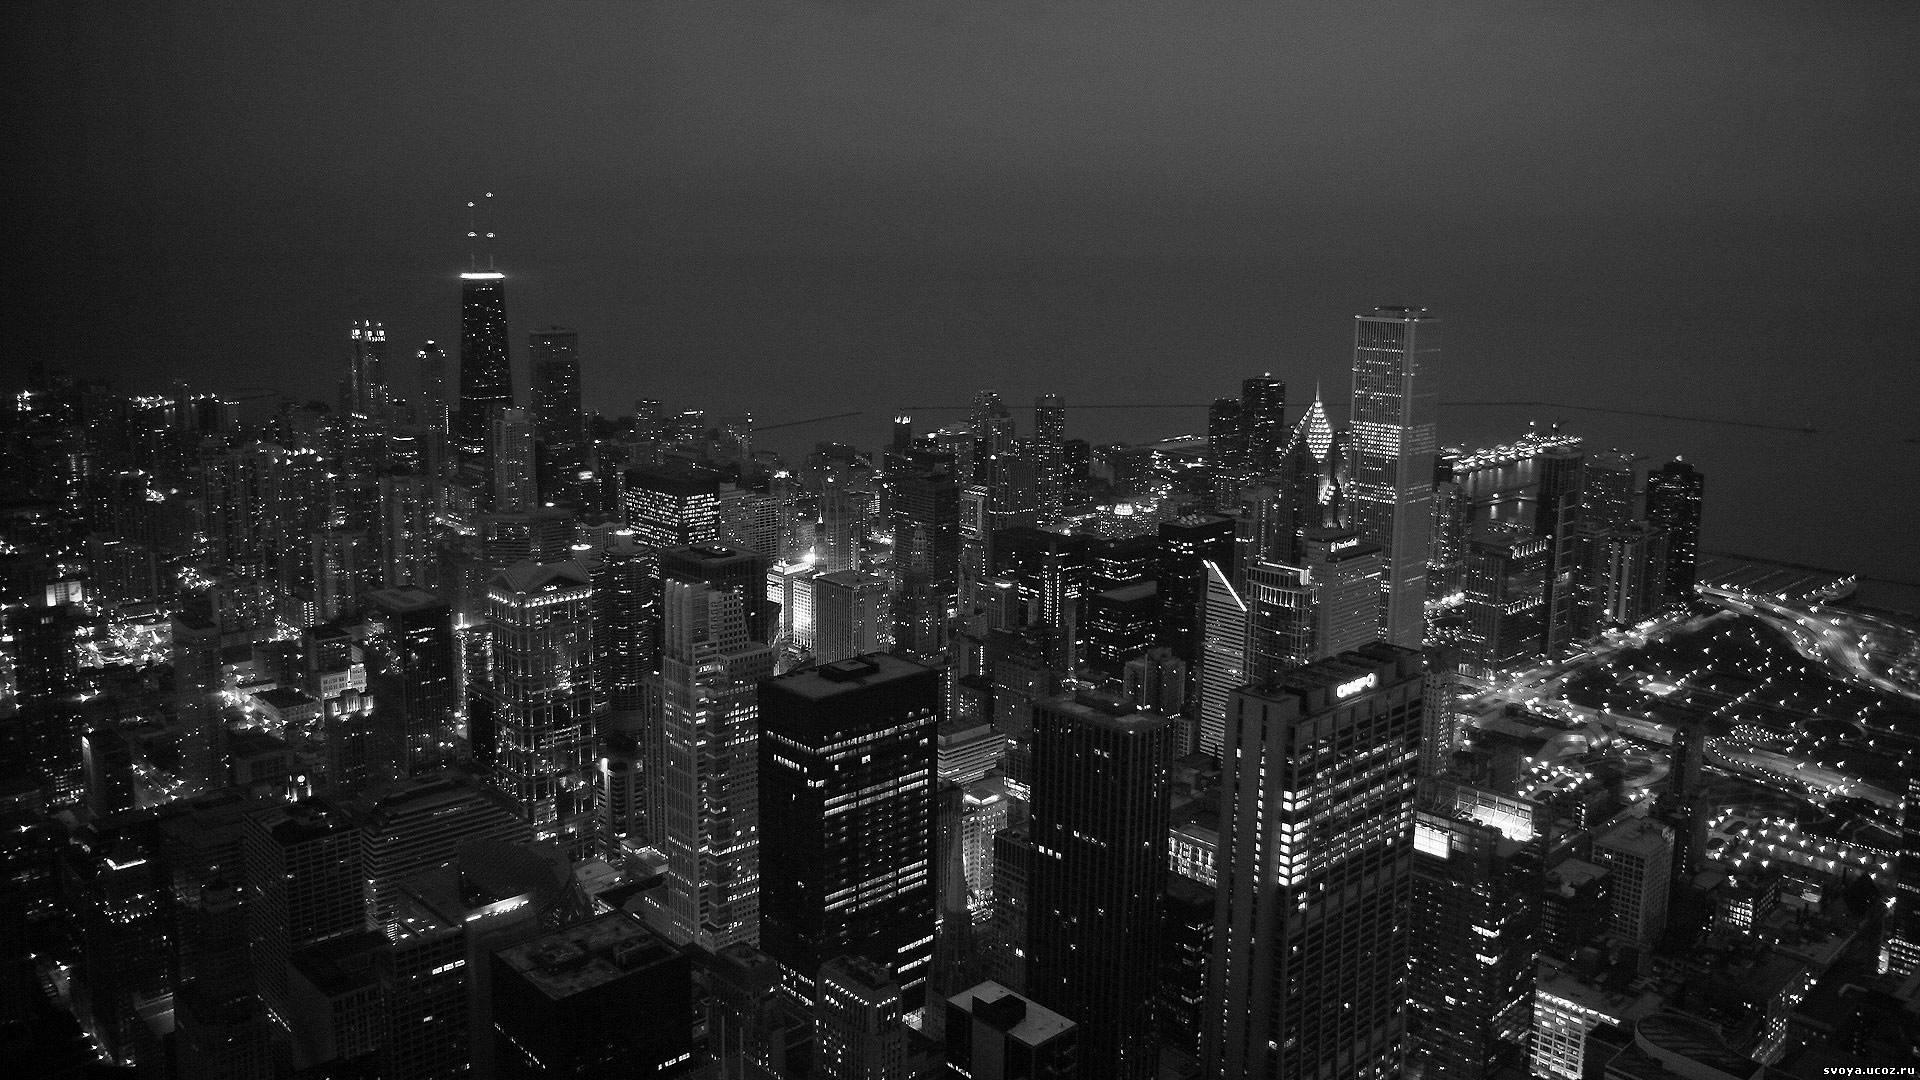 фото ночной мегаполис